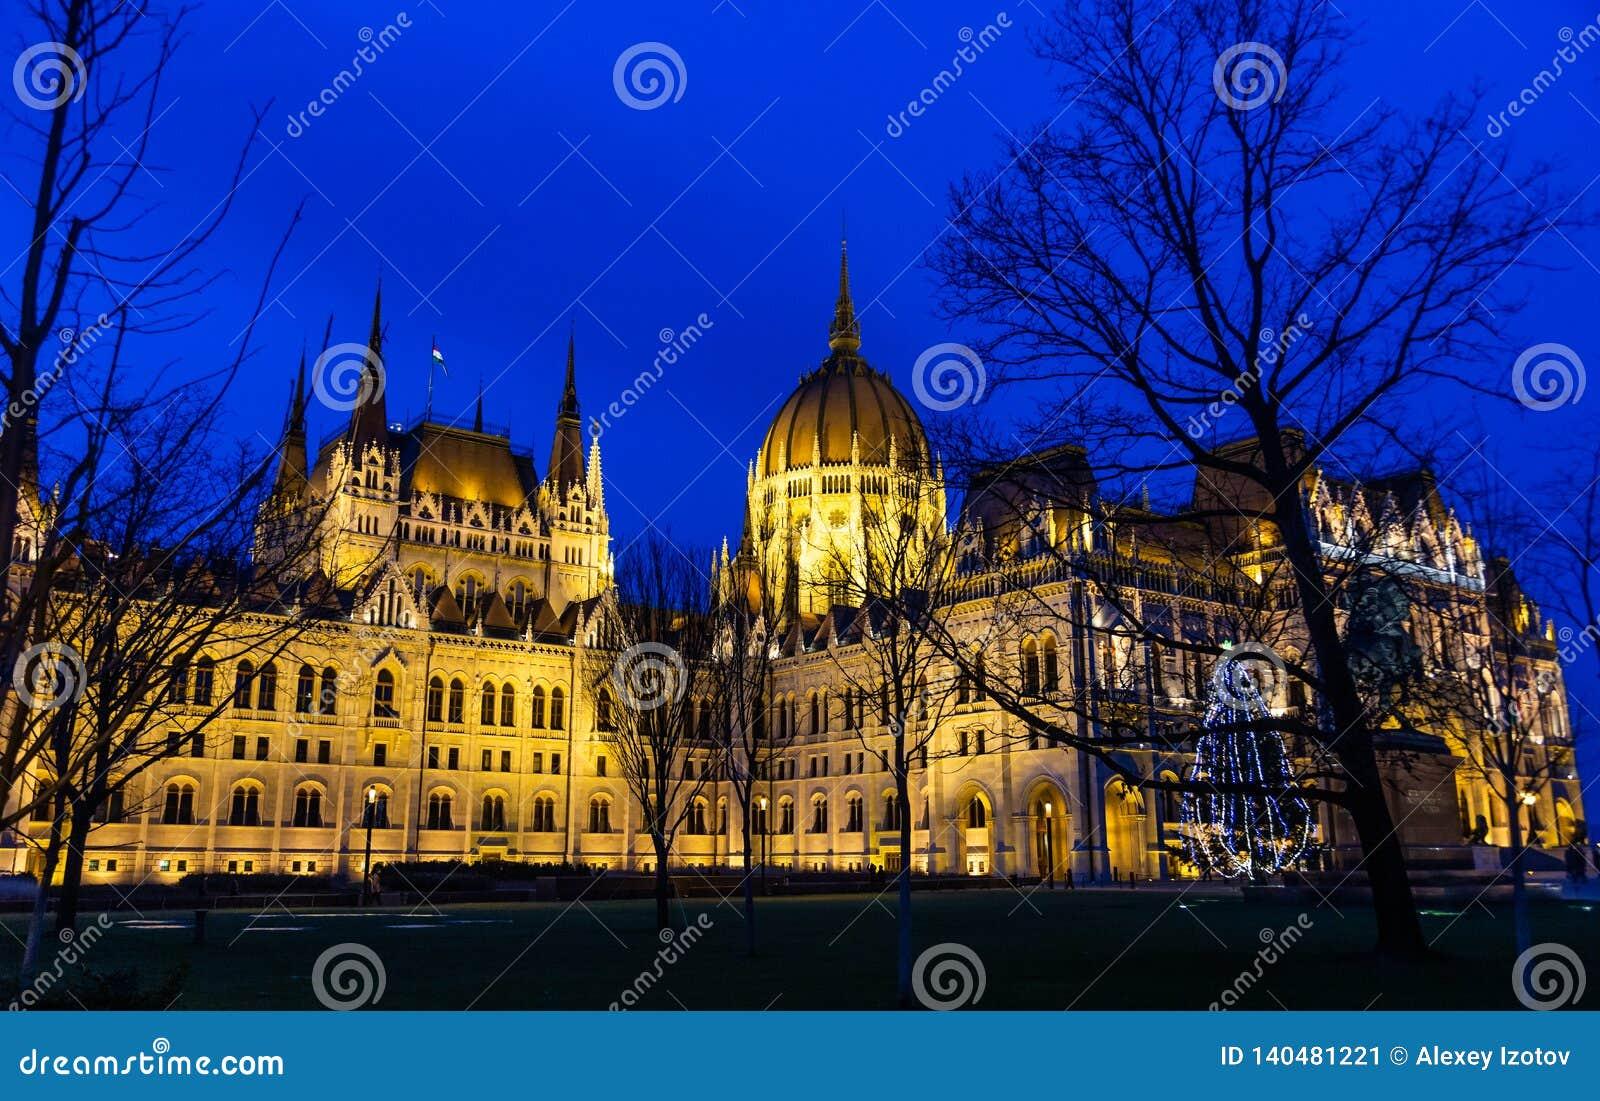 Royal Palace, slotten, som inhyser den ungerska National Gallery och framlägger värdefulla utställningar i natten som in tänder